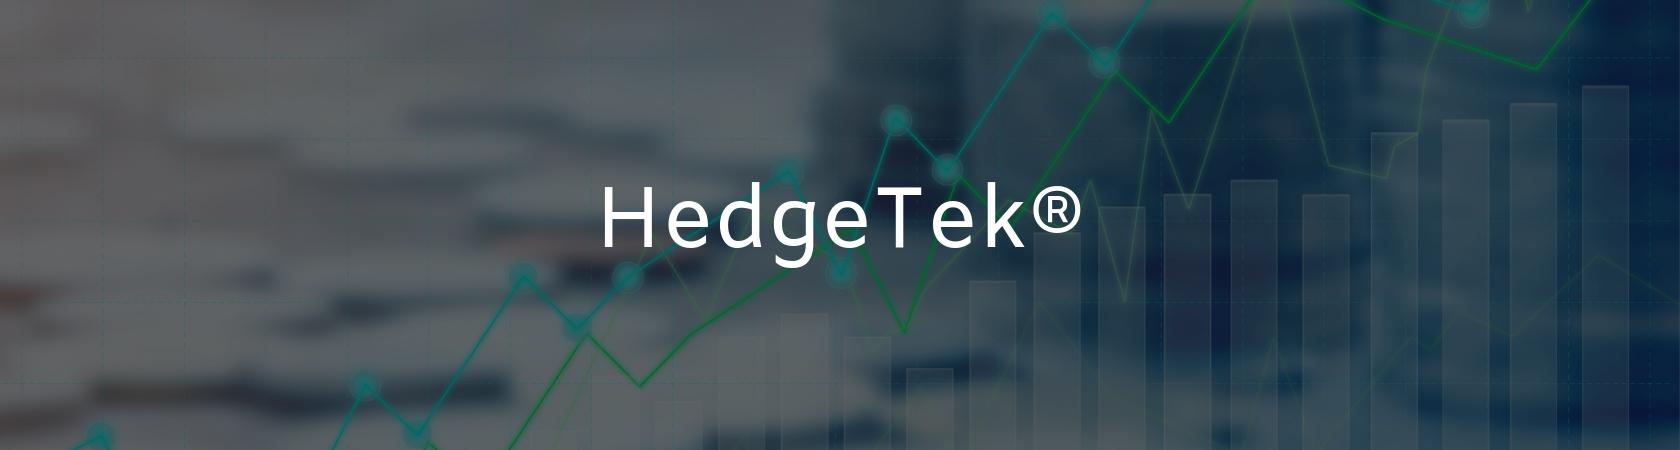 Hedgetek